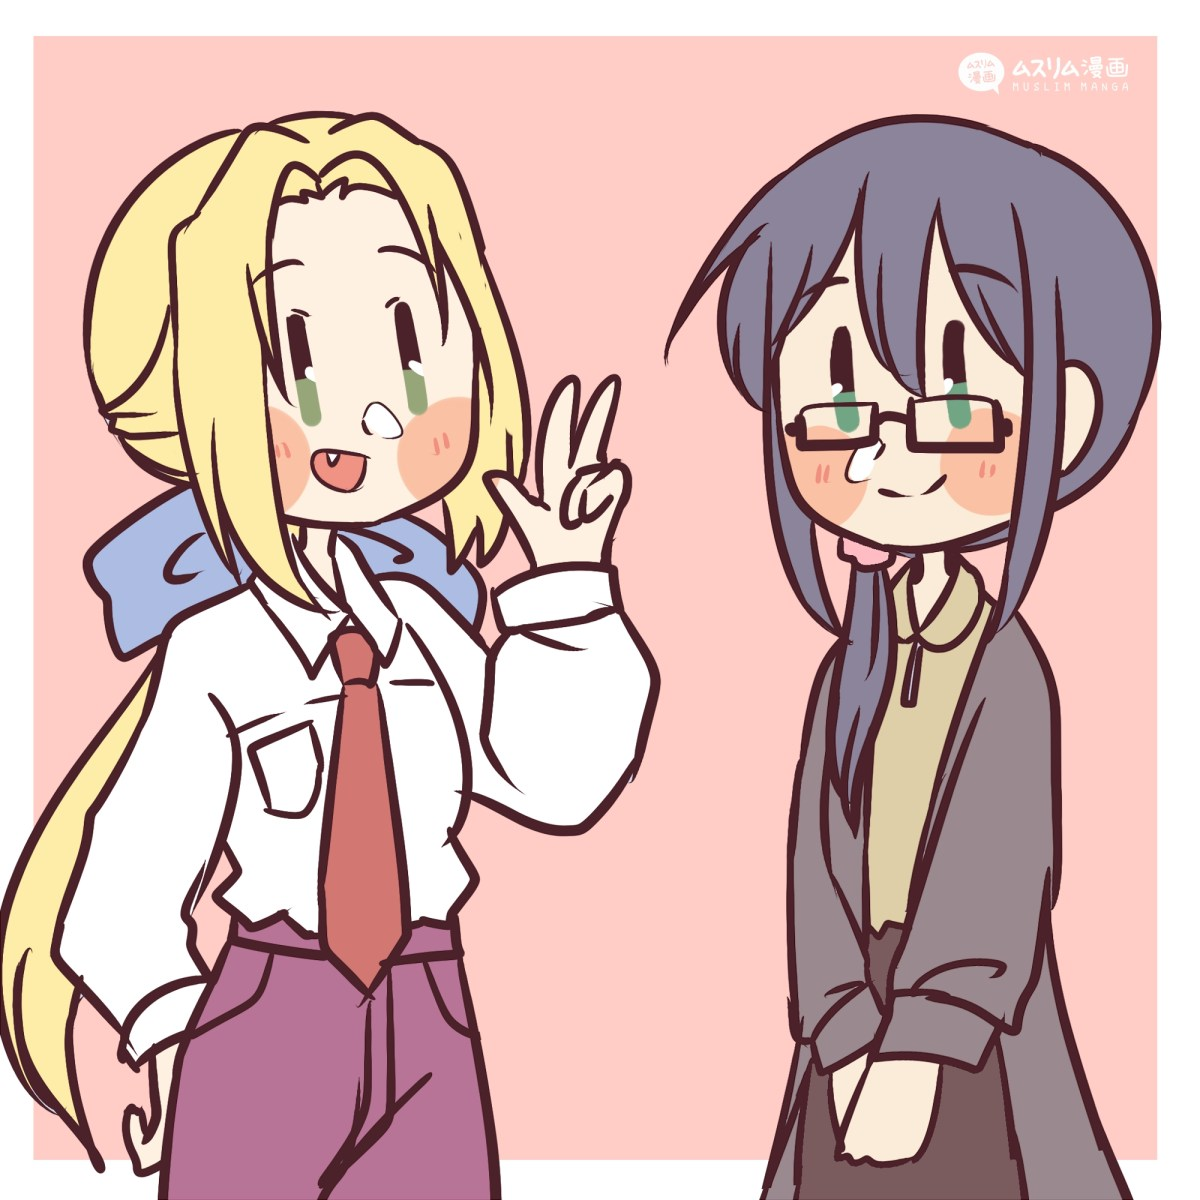 kuroi sensei and maki sensei fan art